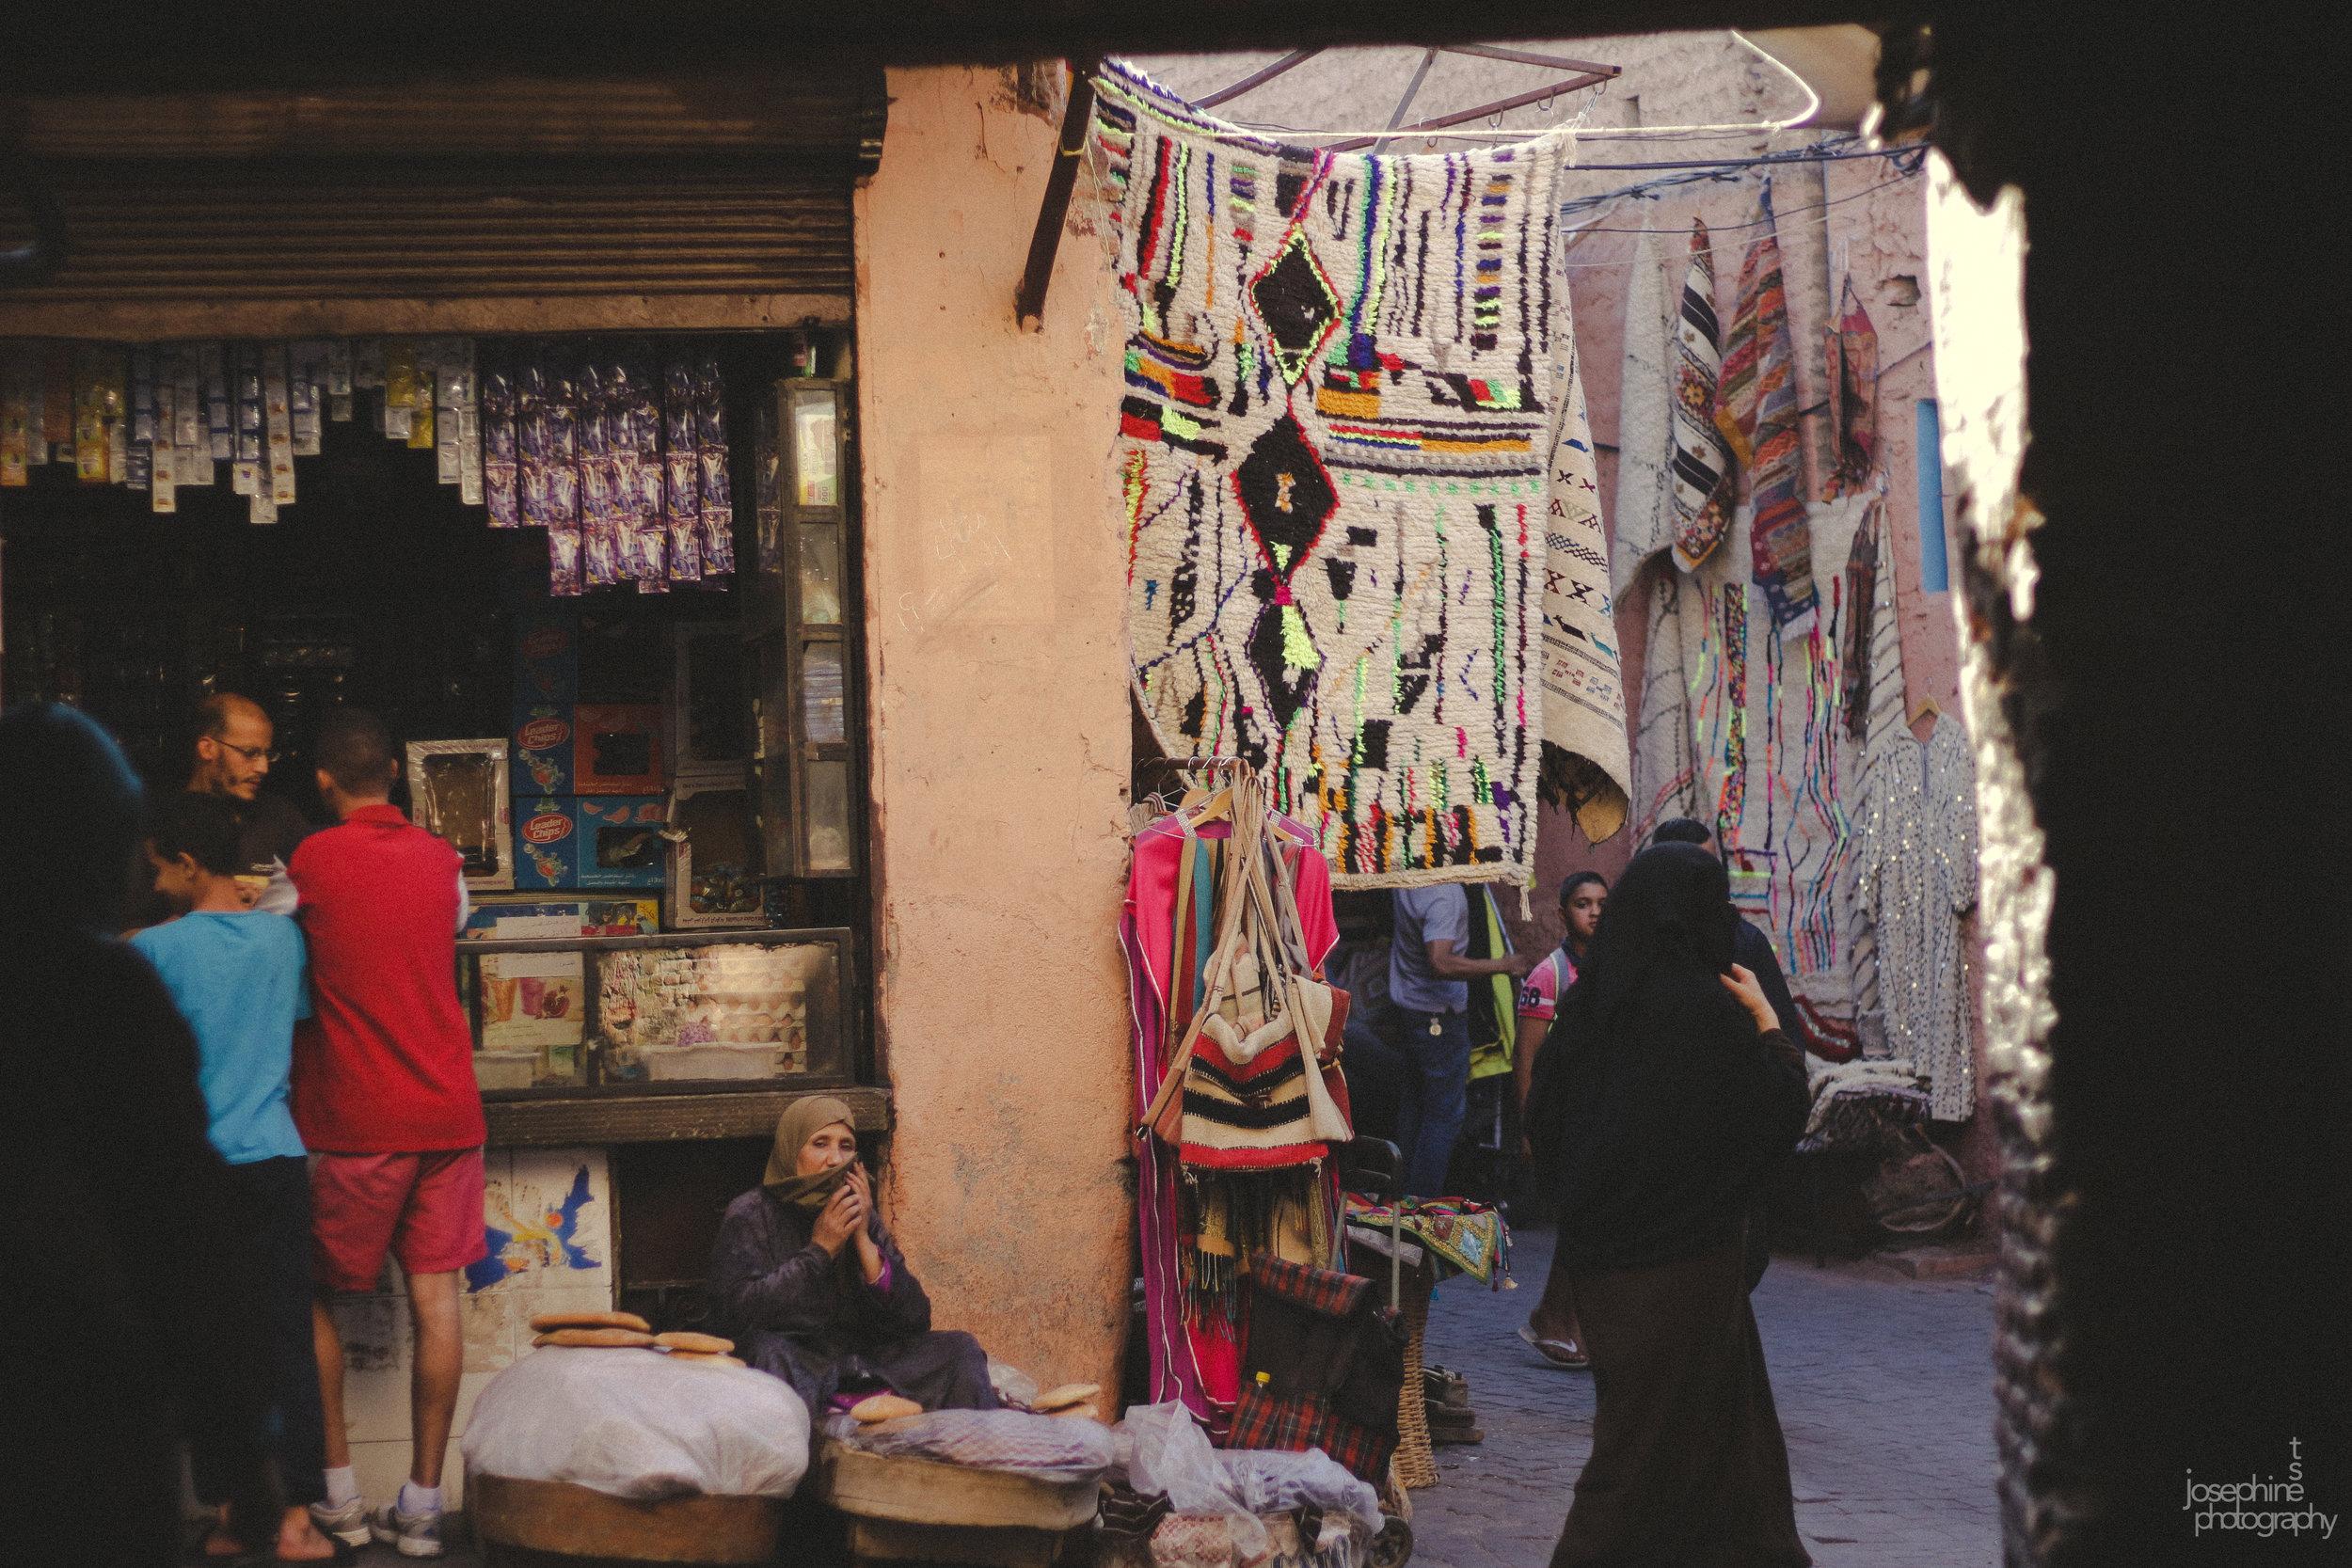 Life in the Medina  Marrakech, Morocco, 06/17